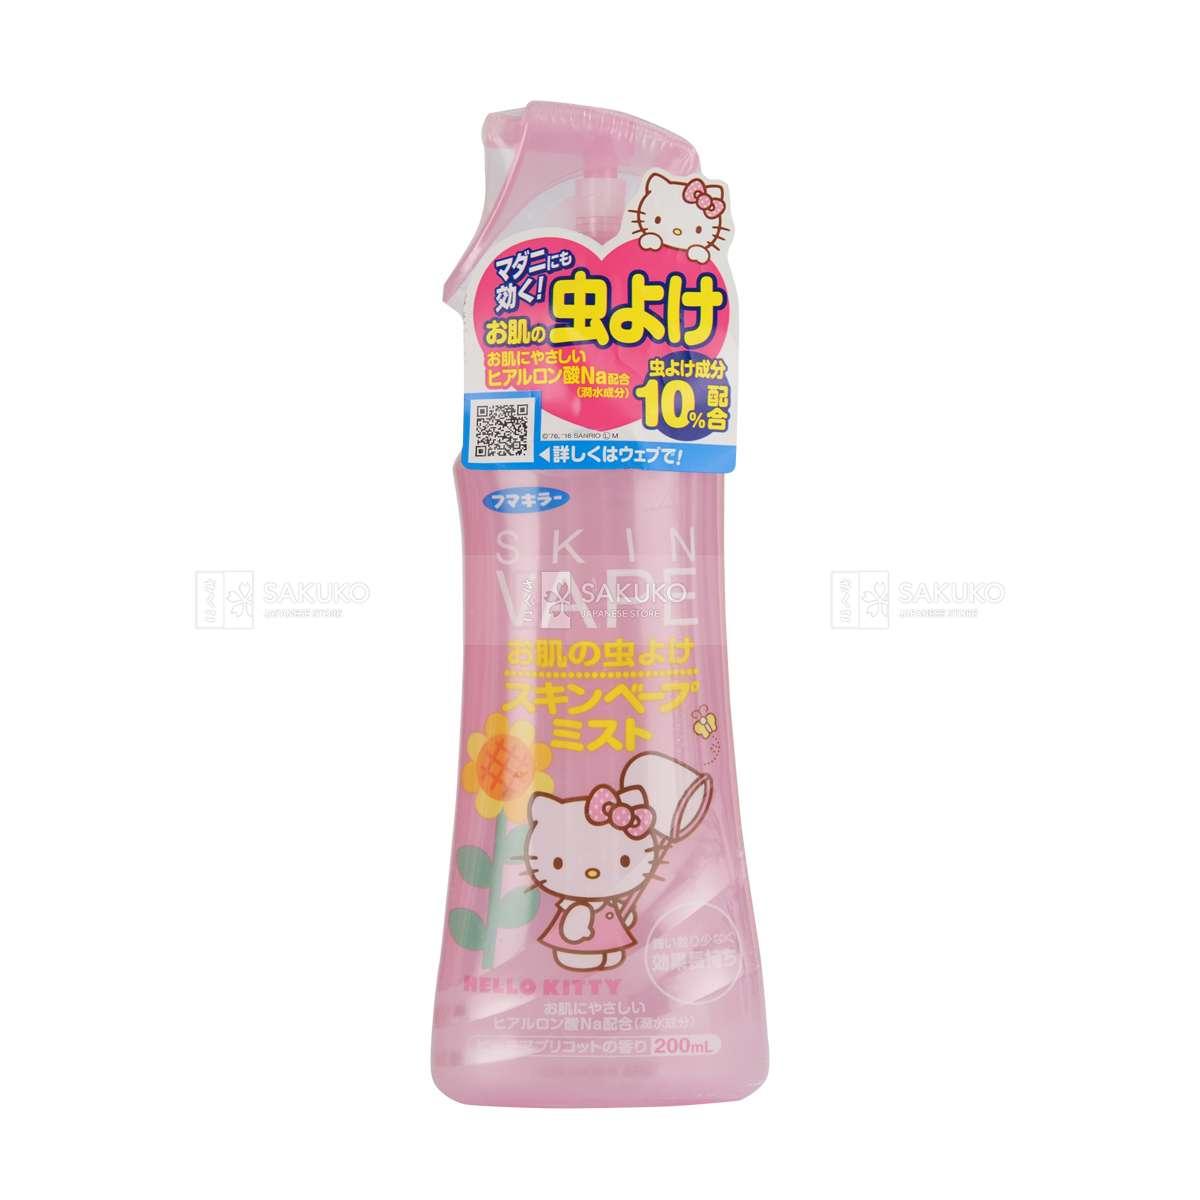 Xịt chống muỗi Skin Vape nội địa Nhật loại màu hồng, hương đào.